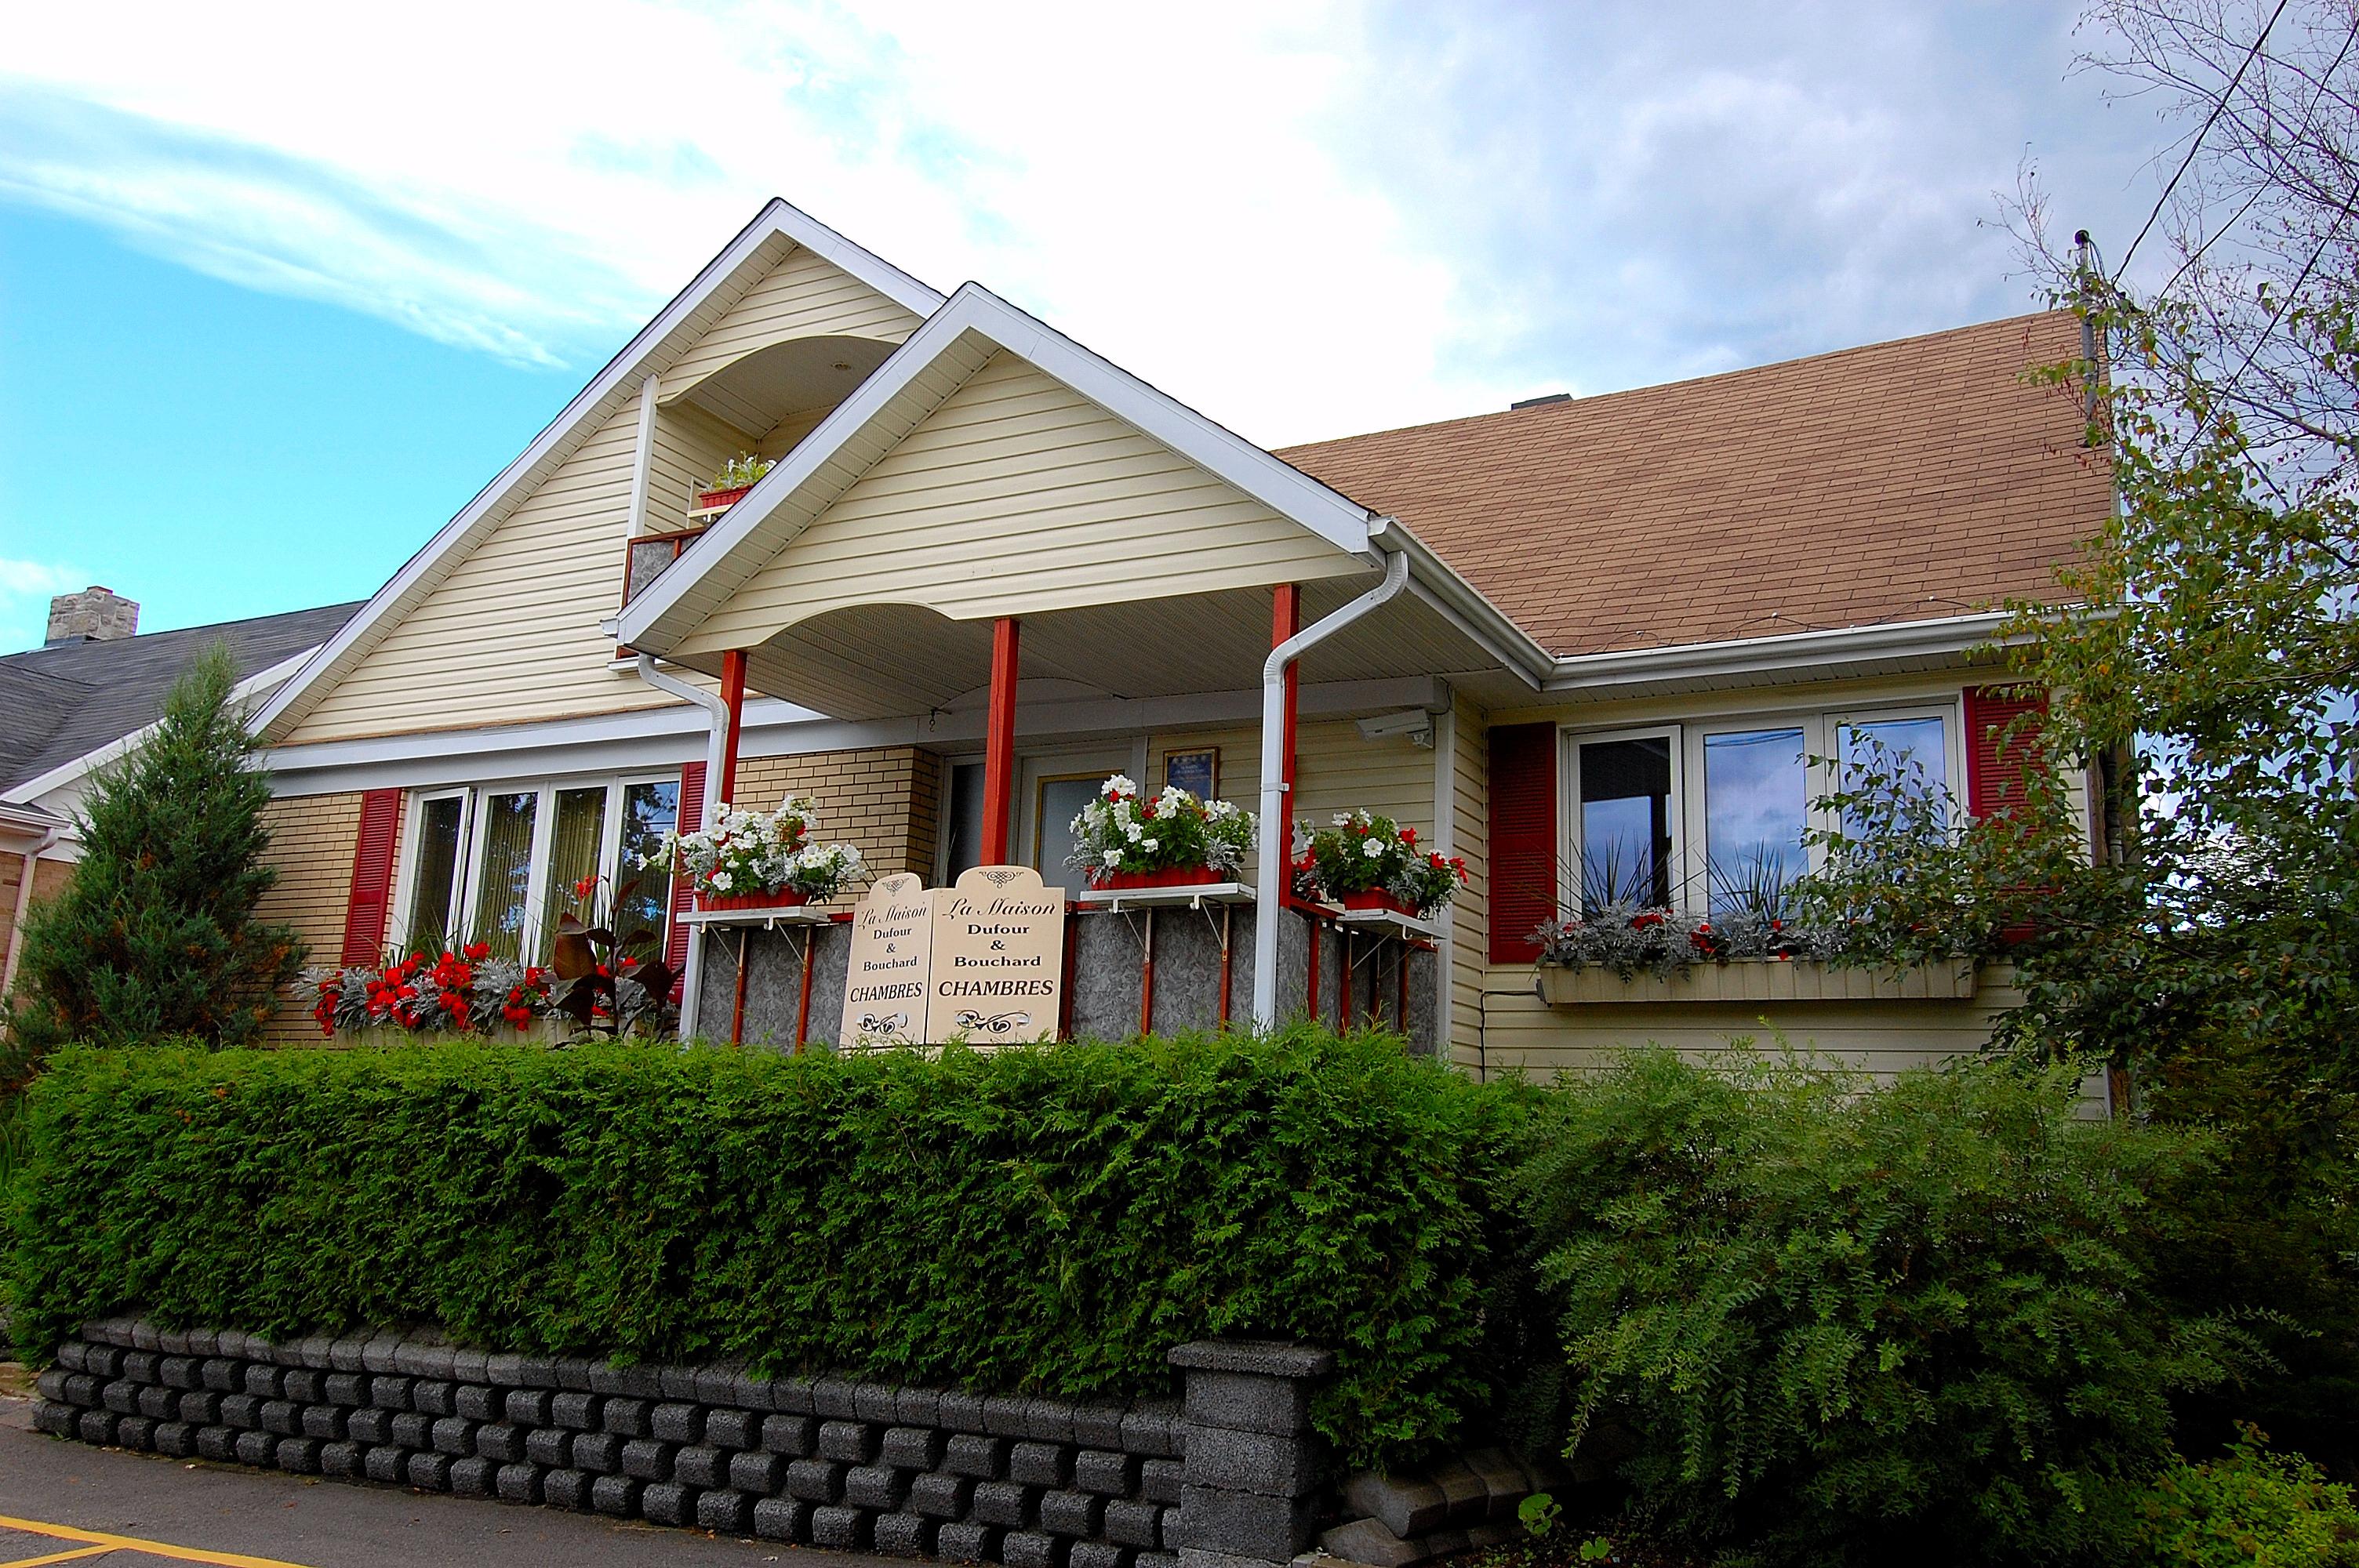 Maison Dufour & Bouchard